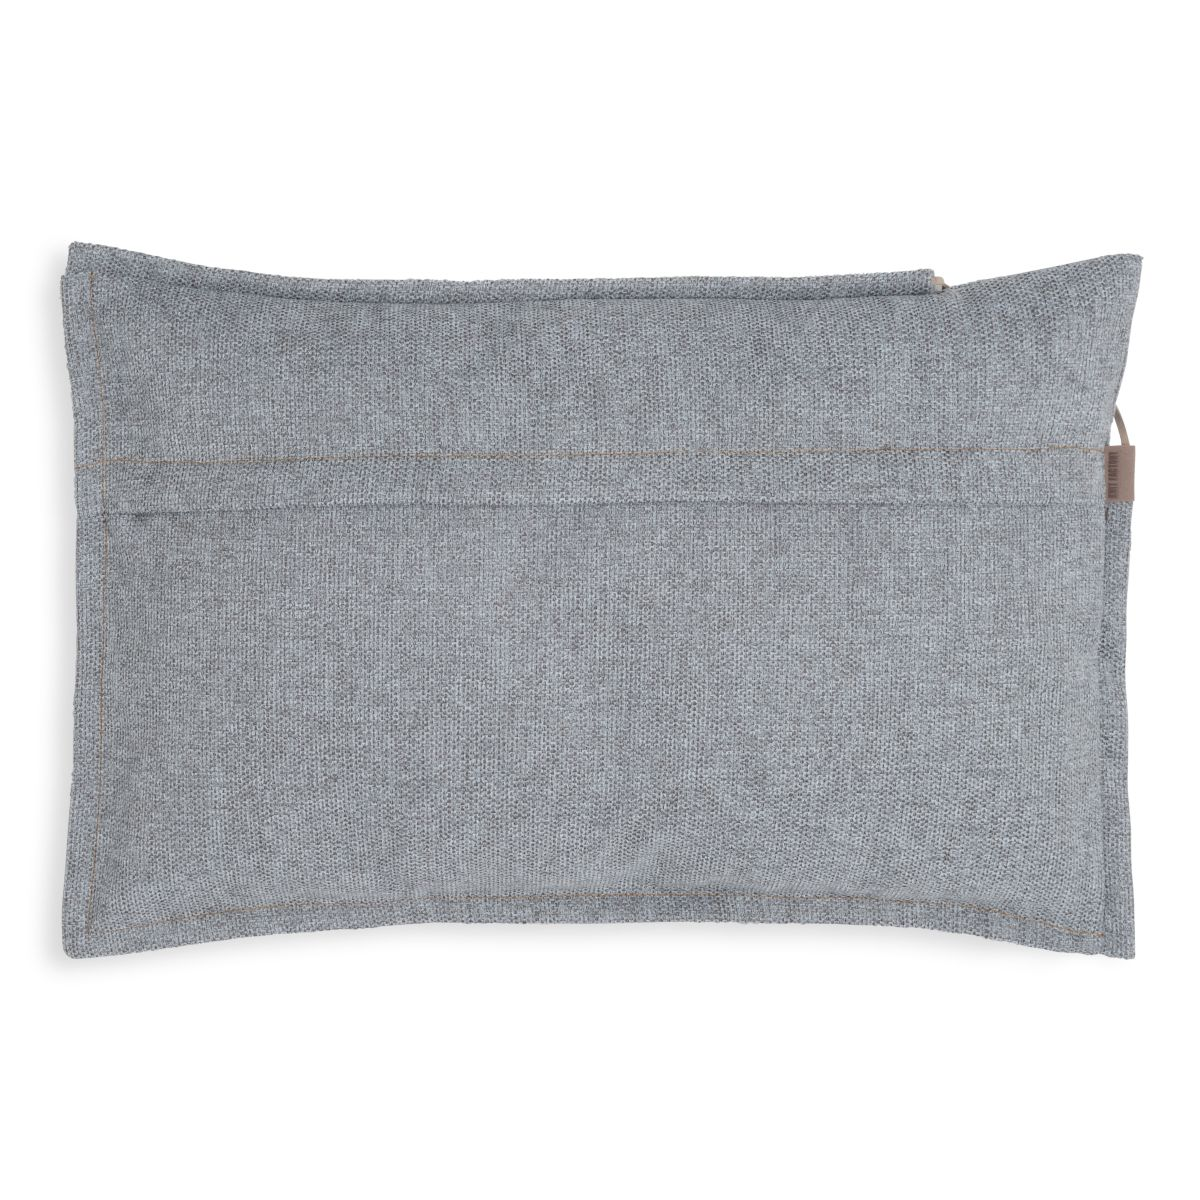 knit factory kf153013011 imre kussen licht grijs 60x40 2